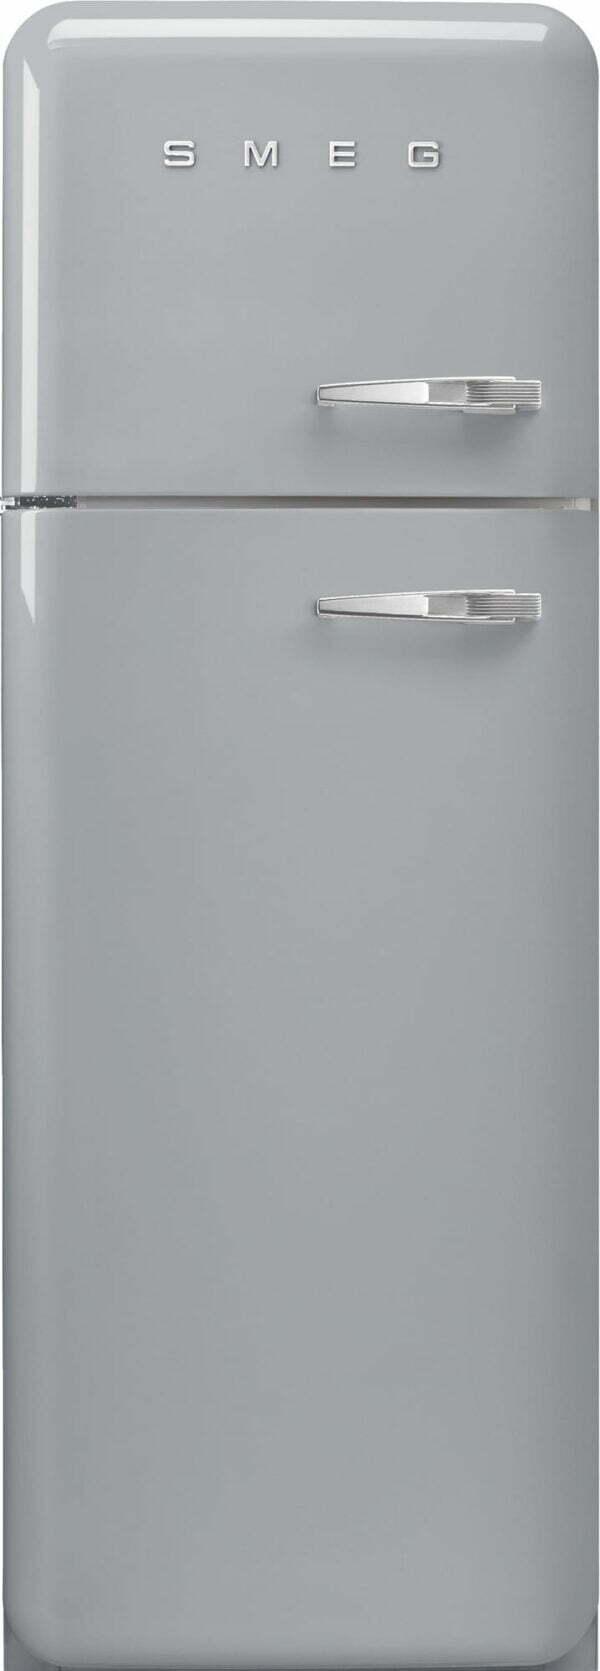 Smeg 50's Style kølefryseskab FAB30LSV5 (sølv)